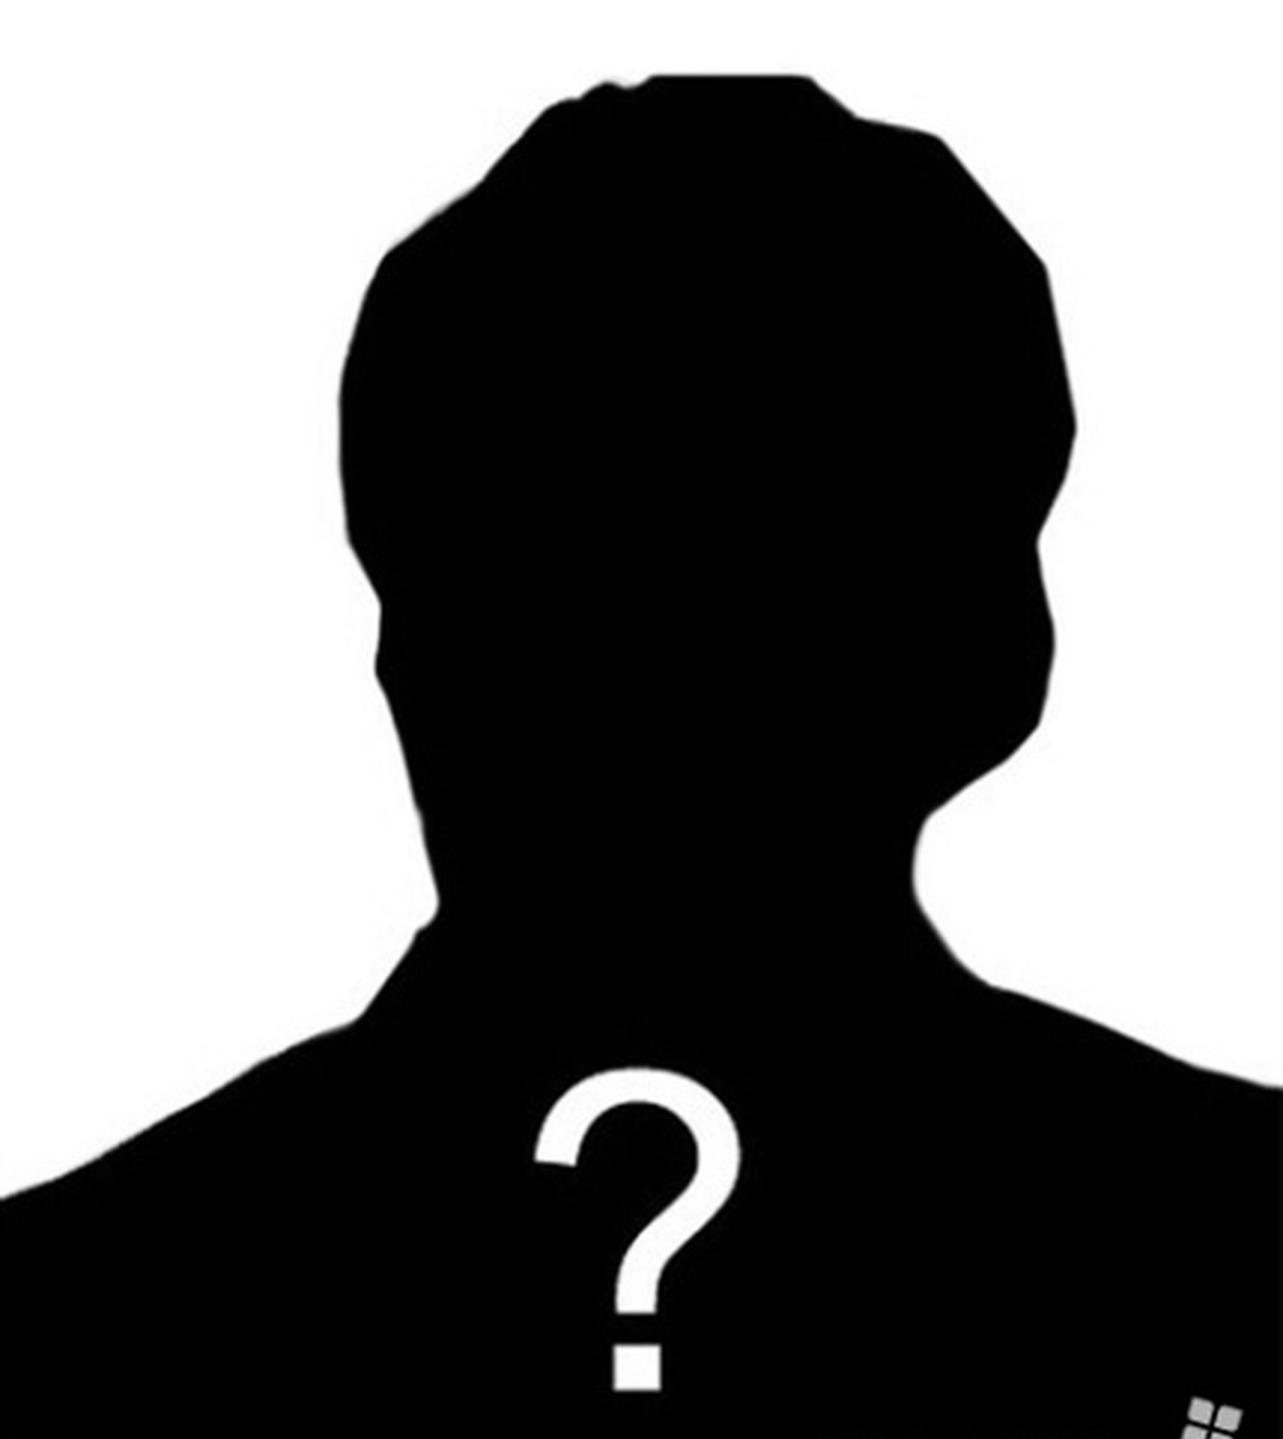 SNS性犯罪电影的演员A以性关系隐藏摄像机嫌疑被处以2年缓刑